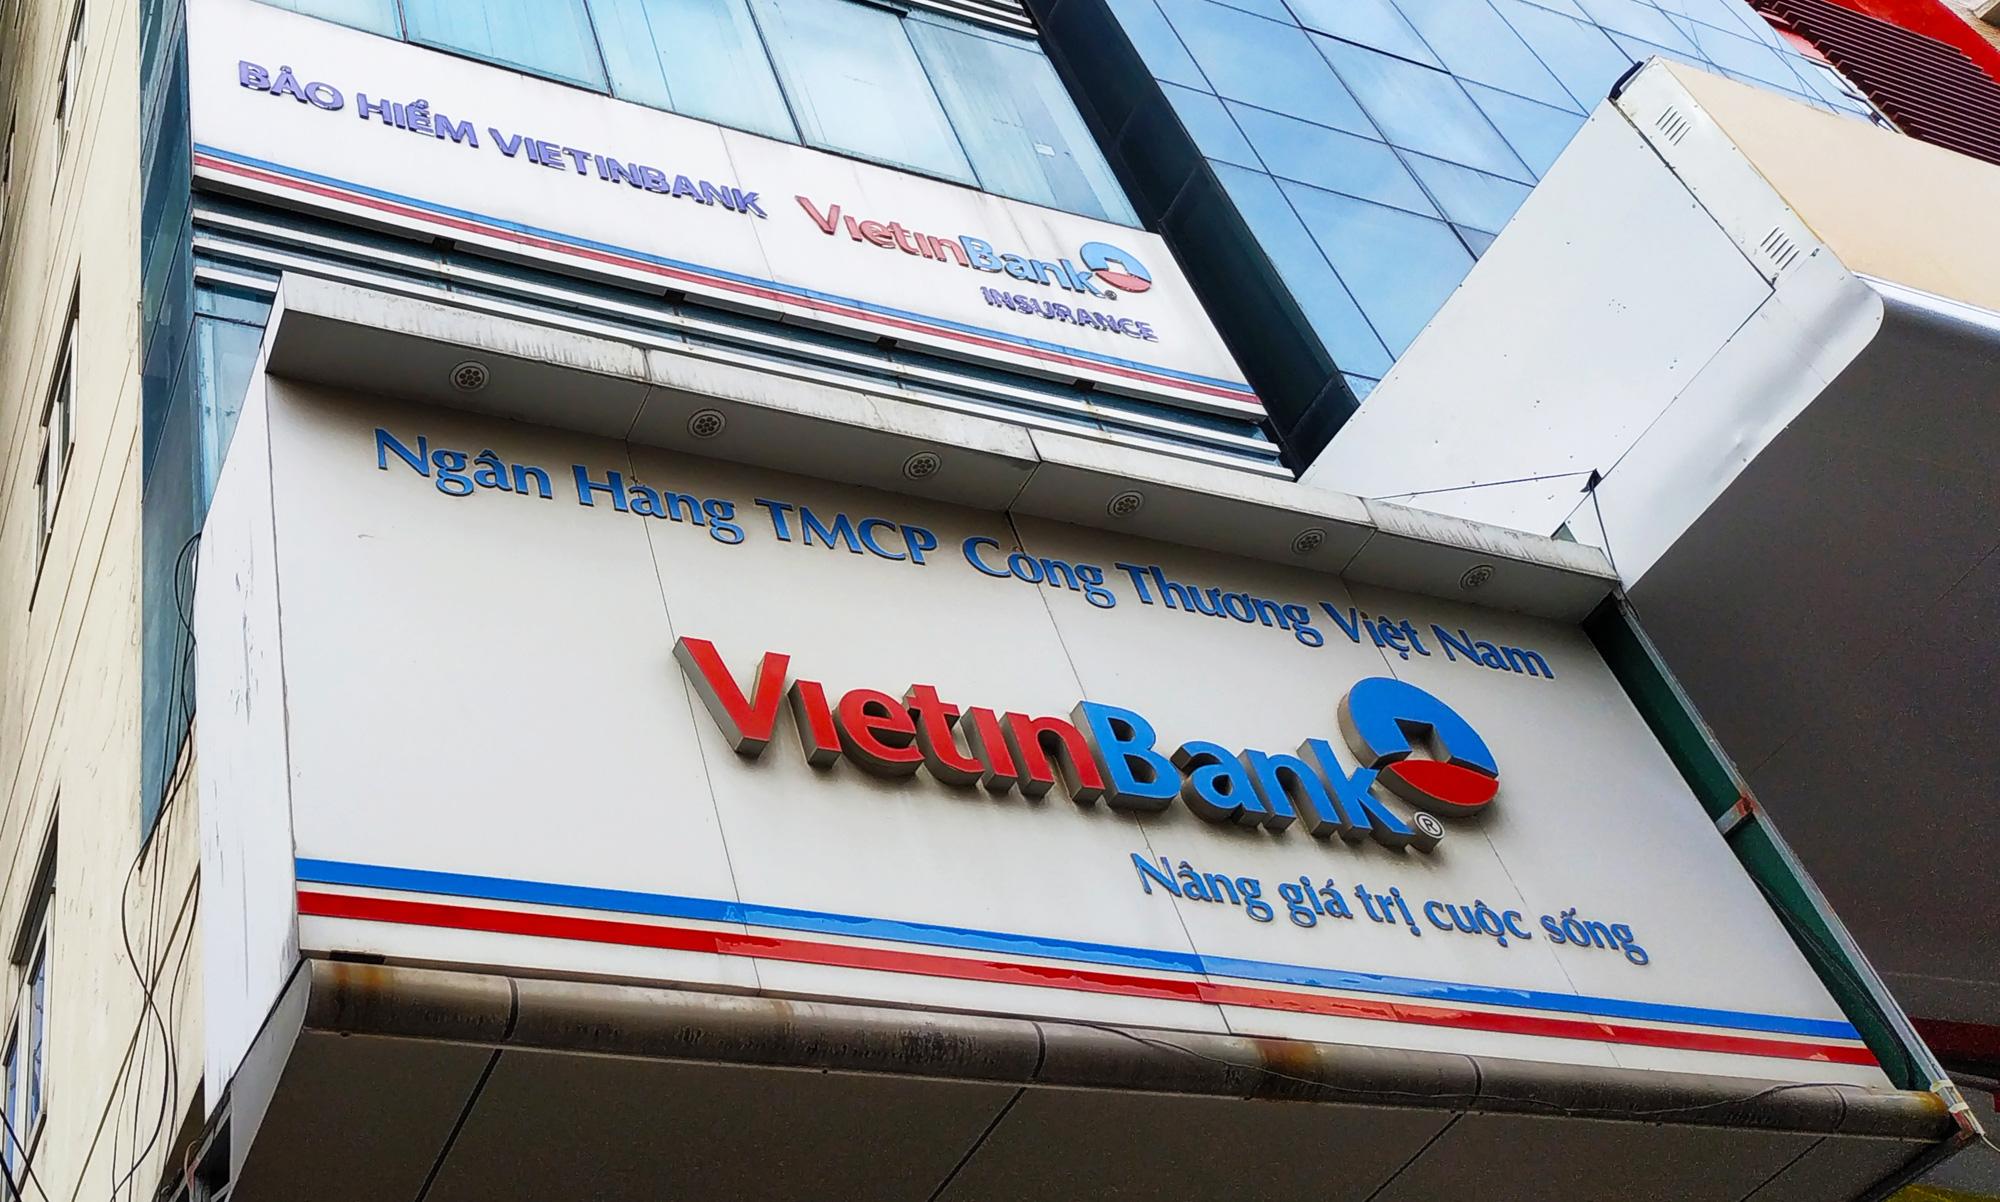 Cổ phiếu ngân hàng tuần qua: CTG dẫn đầu tăng giá, vốn hóa toàn ngành vượt 1 triệu tỉ đồng - Ảnh 1.